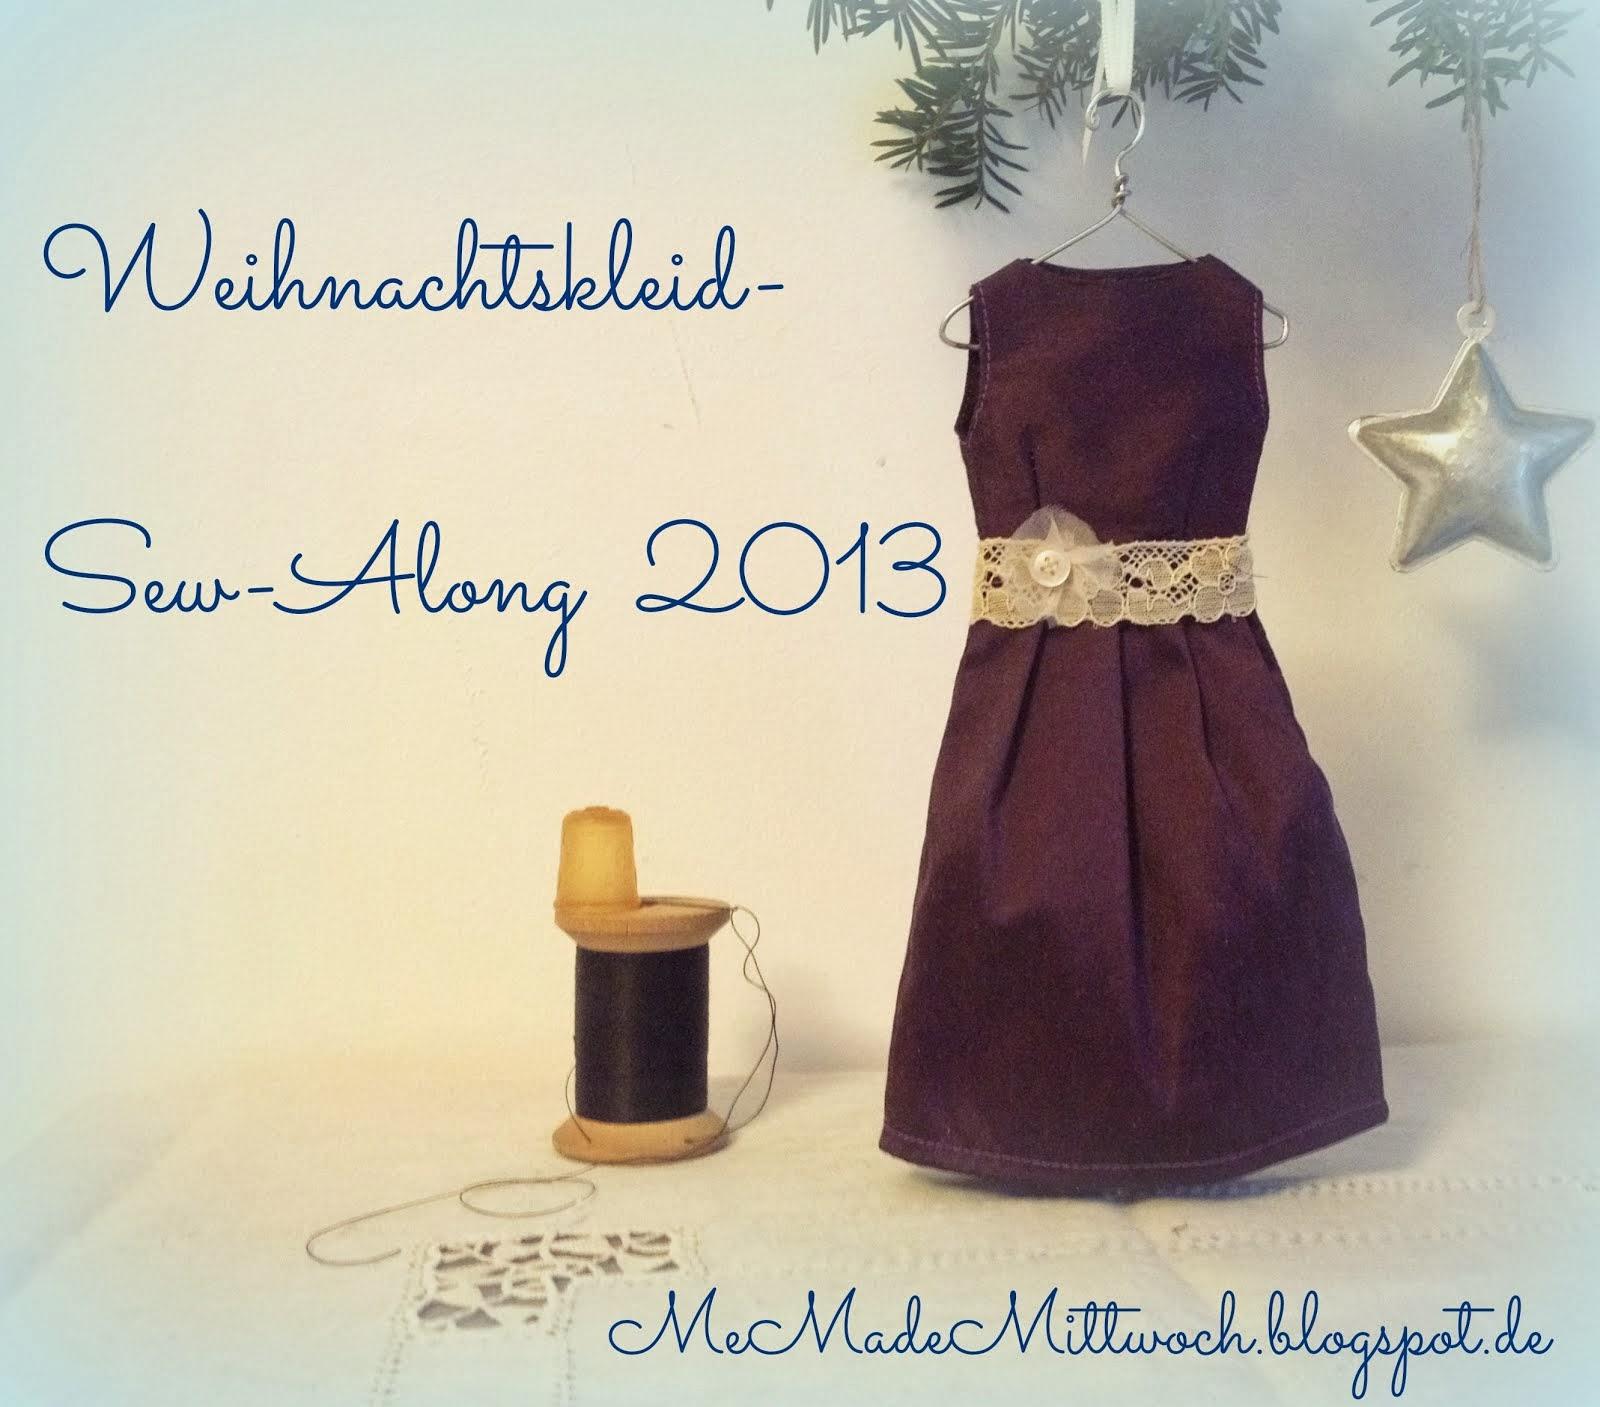 Weihnachtskleid-Sew-Along 2013